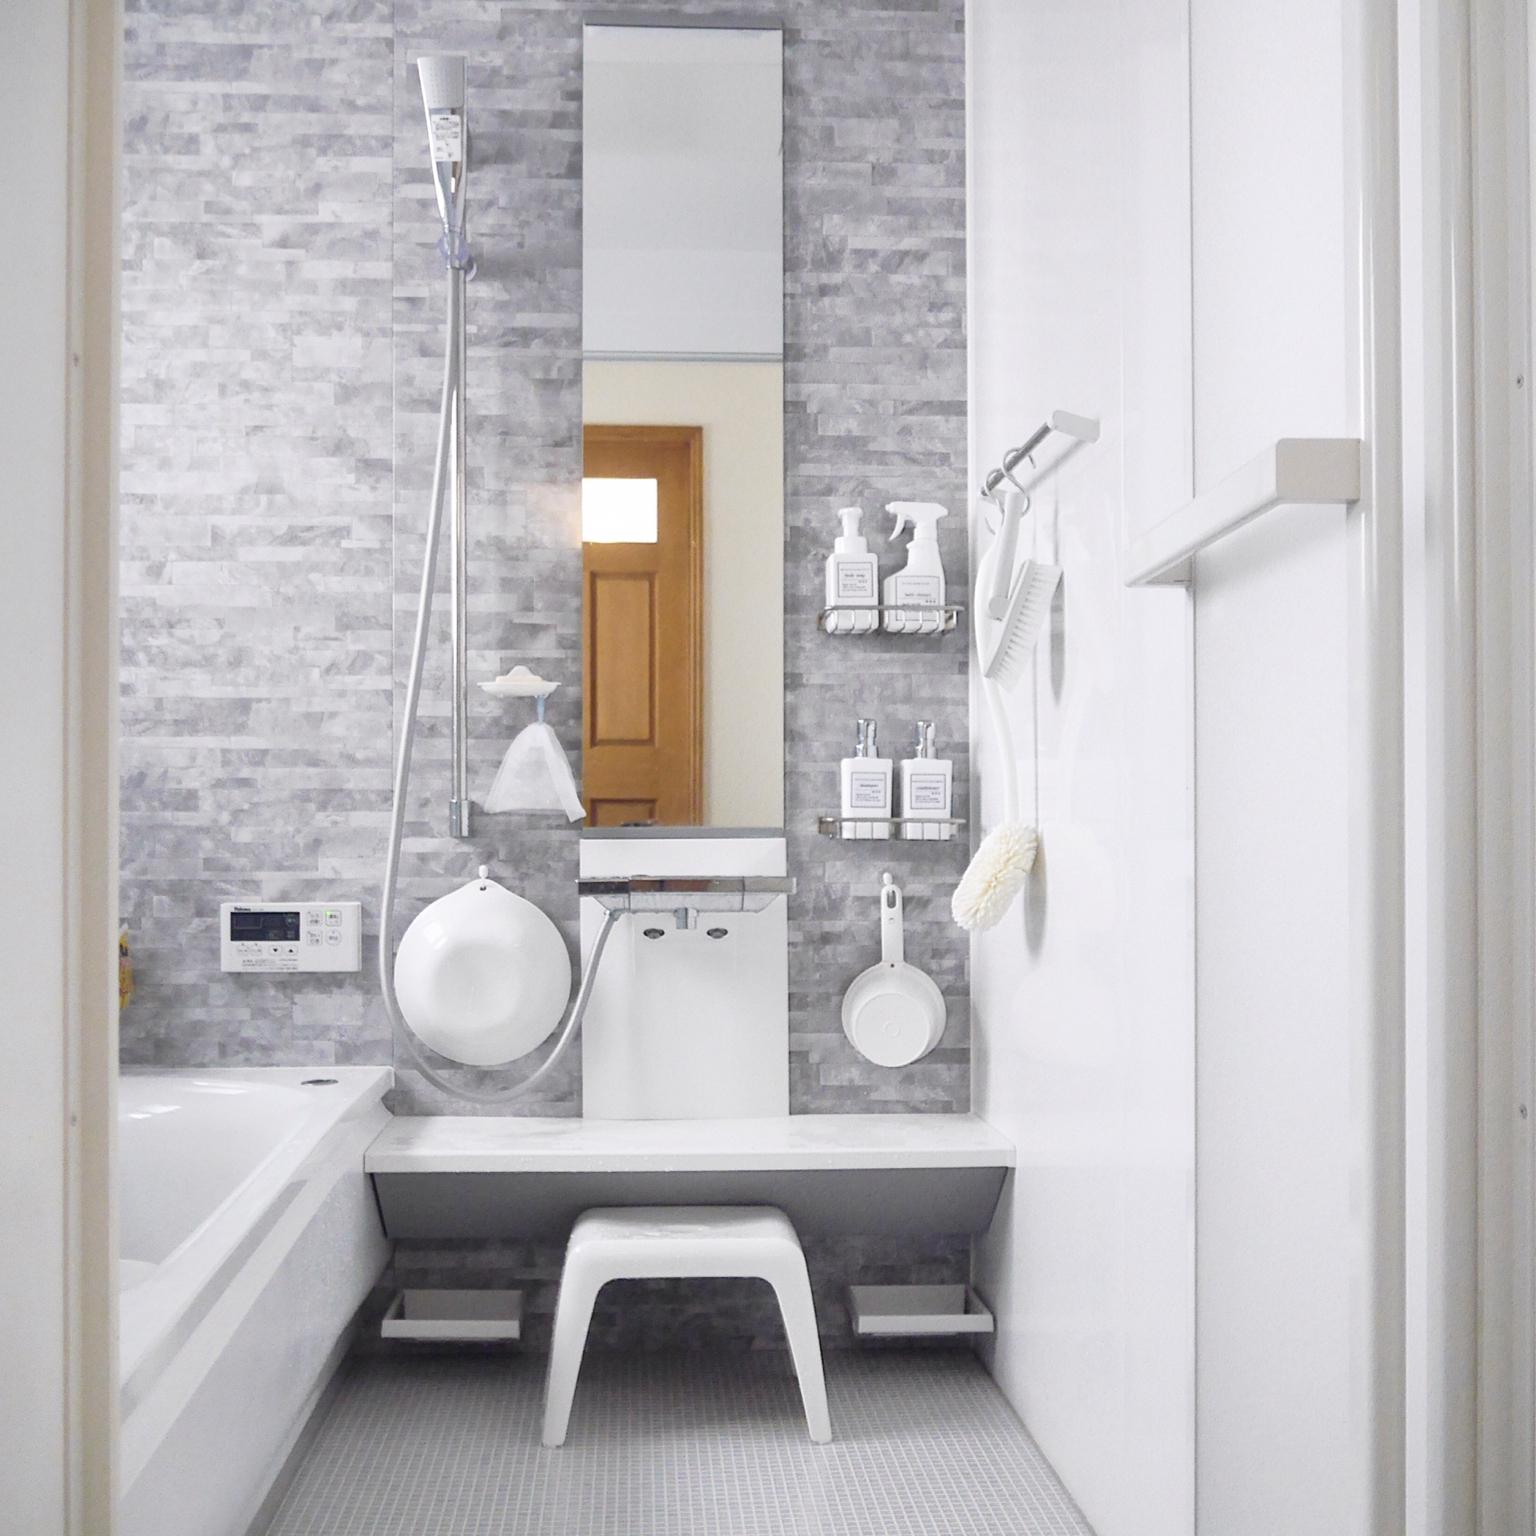 ピカピカきれい! お風呂場をきれいに保つちょっとしたコツ | RoomClip mag | 暮らしとインテリアのwebマガジン